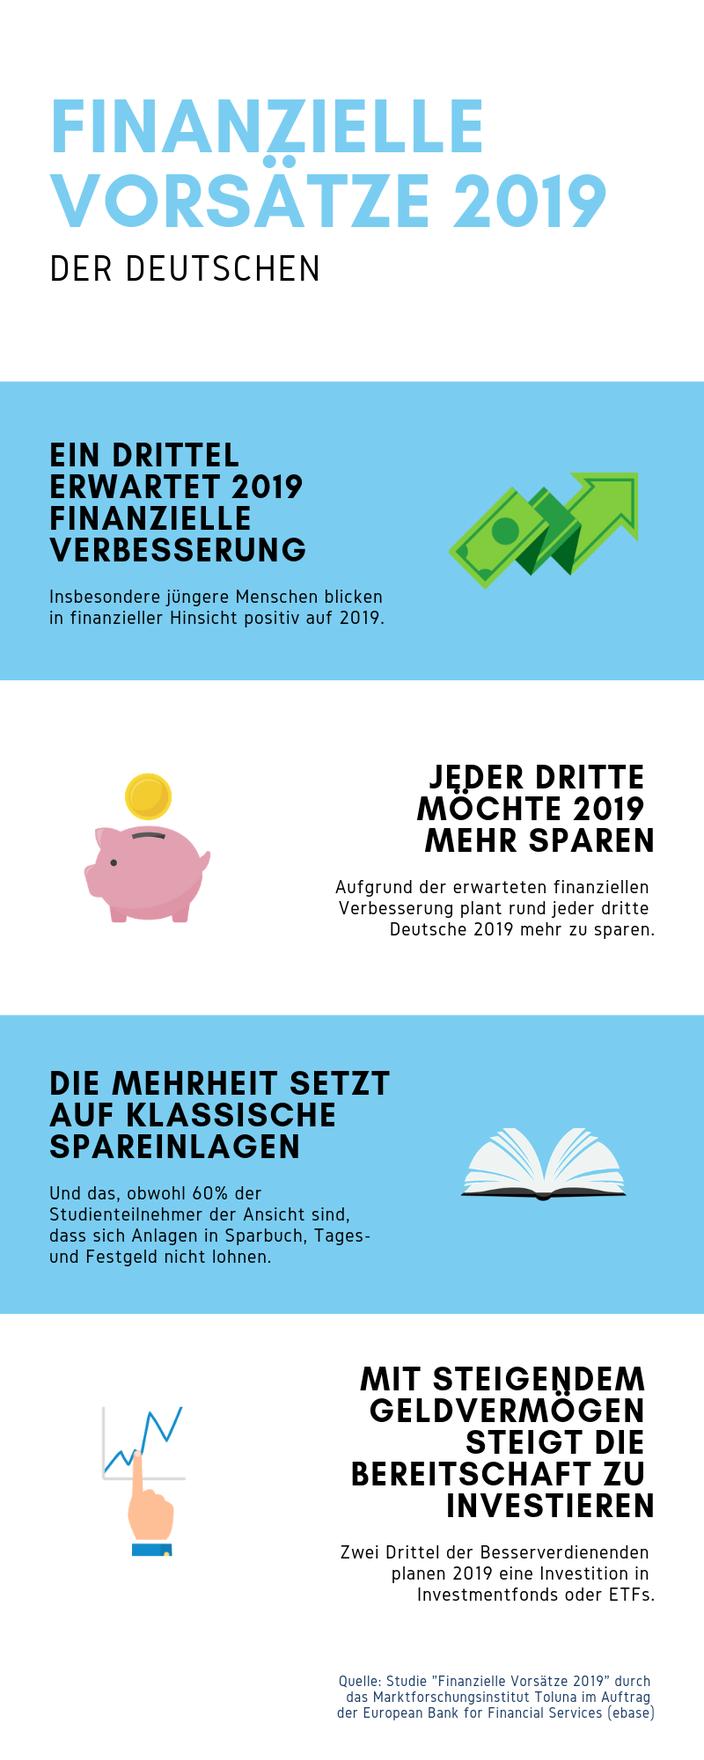 Finanzielle Vorsätze 2019 Finanzen mehr Sparen Spareinlagen Investieren